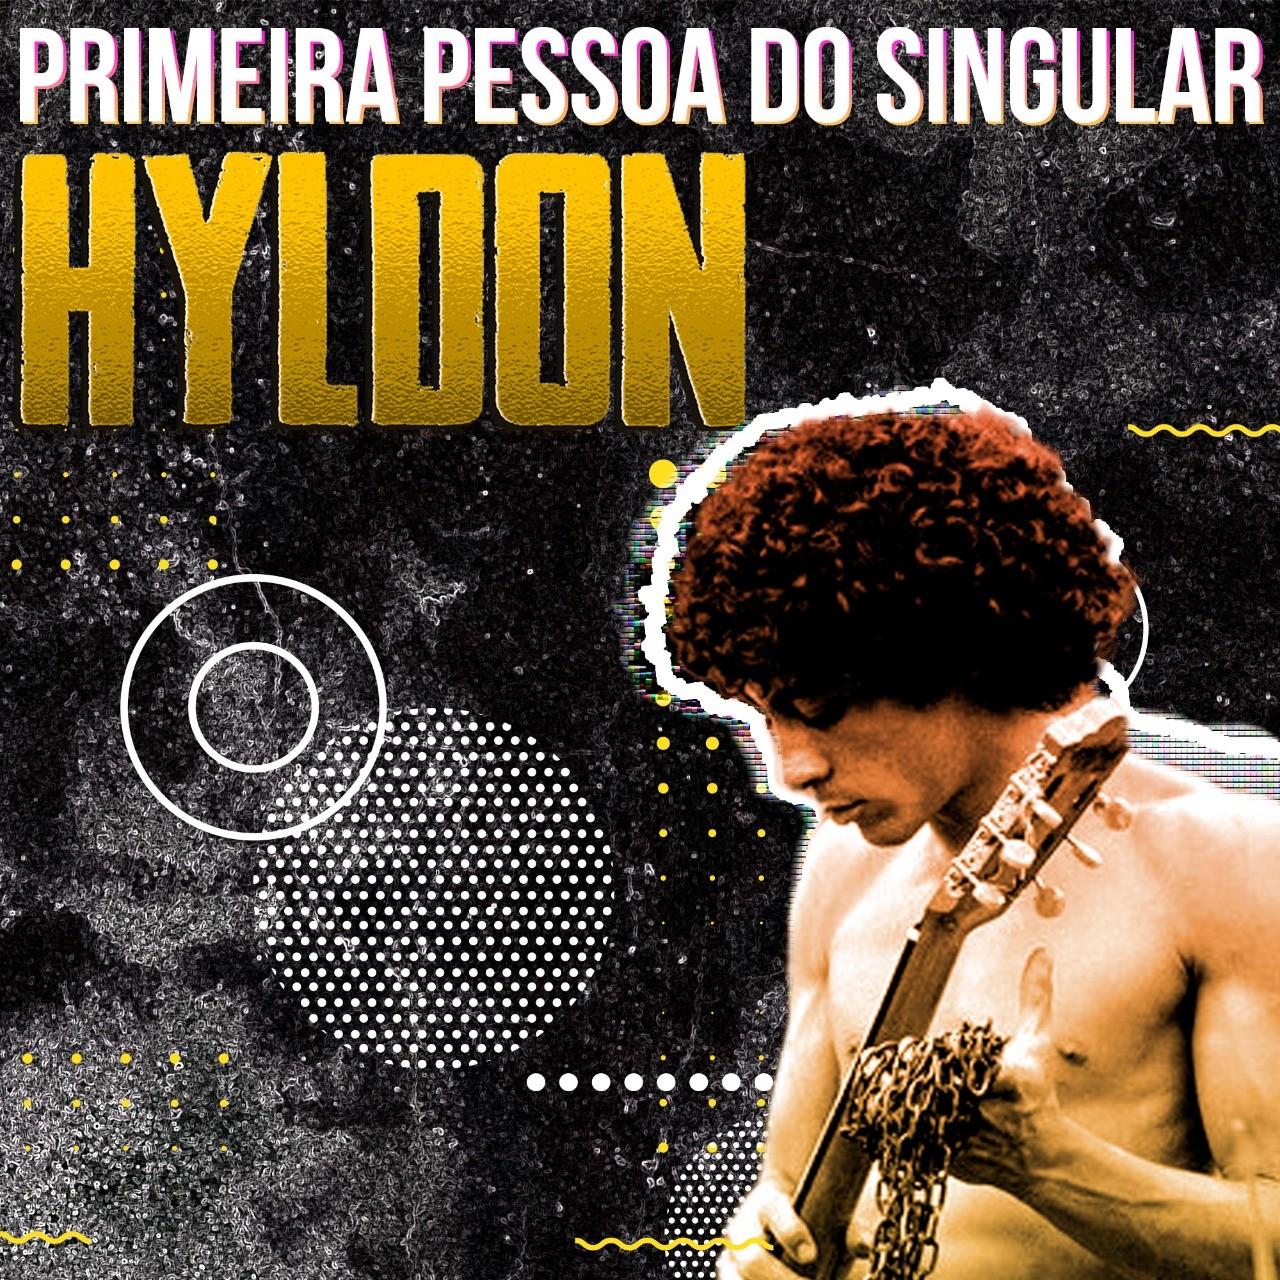 Hyldon reapresenta parceria com Caetano Veloso em single que restaura verso alterado na gravação de 1976